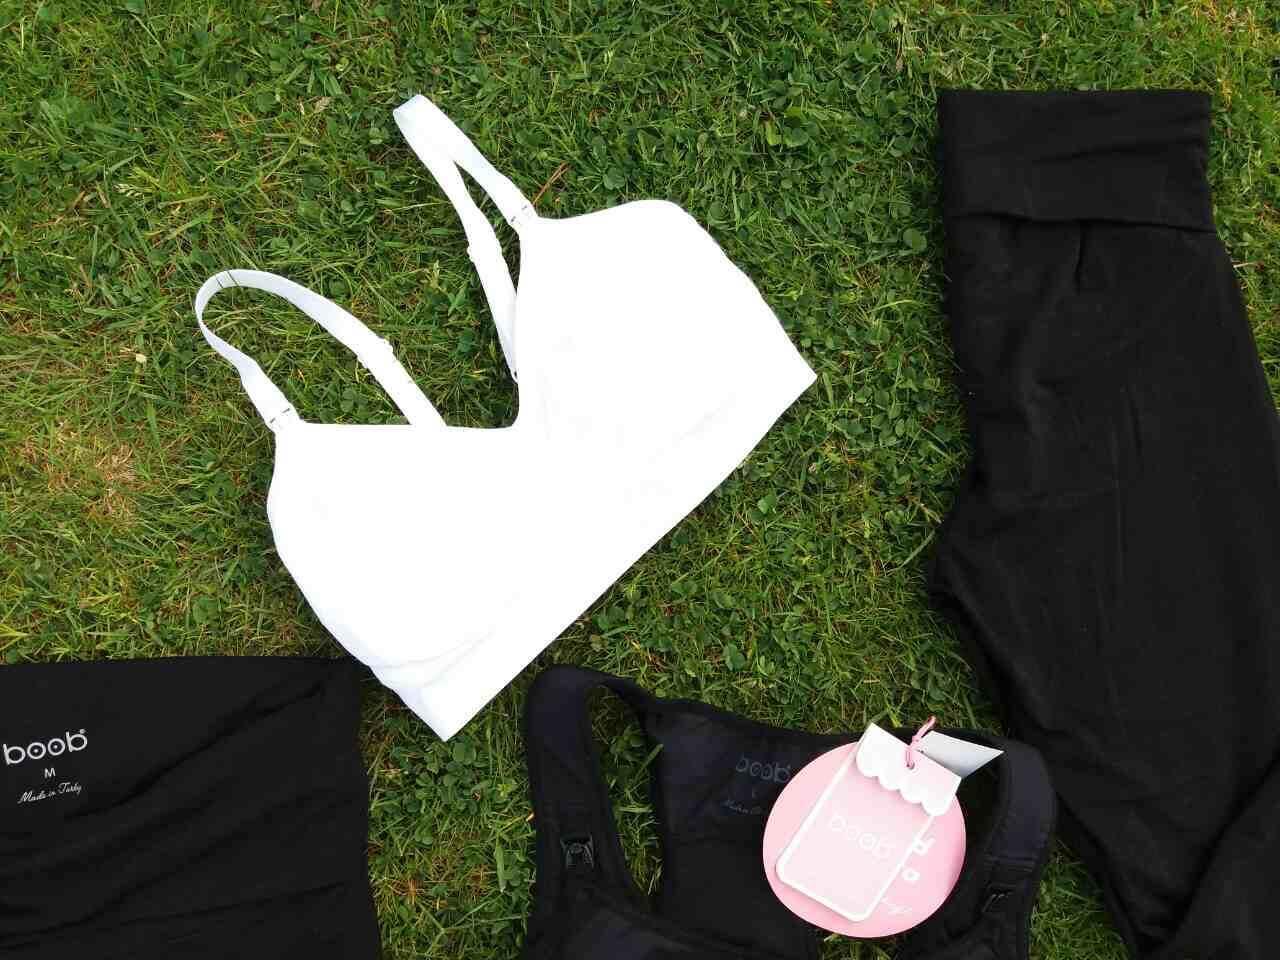 Boob design gravidkläder